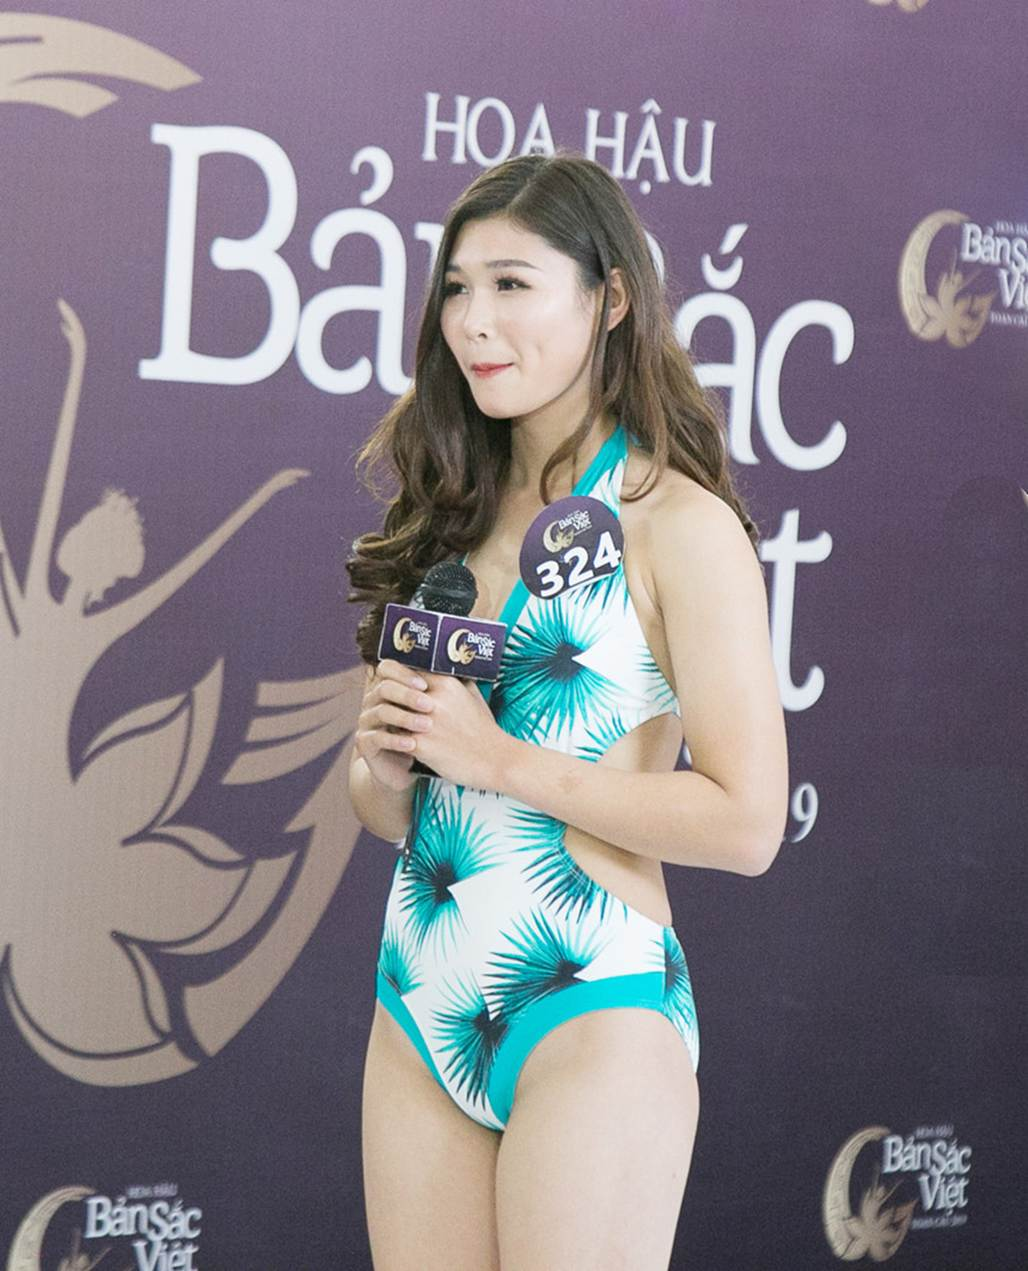 Thí sinh Hoa hậu Bản sắc Việt mặc áo tắm thi hình thể: Mặt xinh, eo to-4